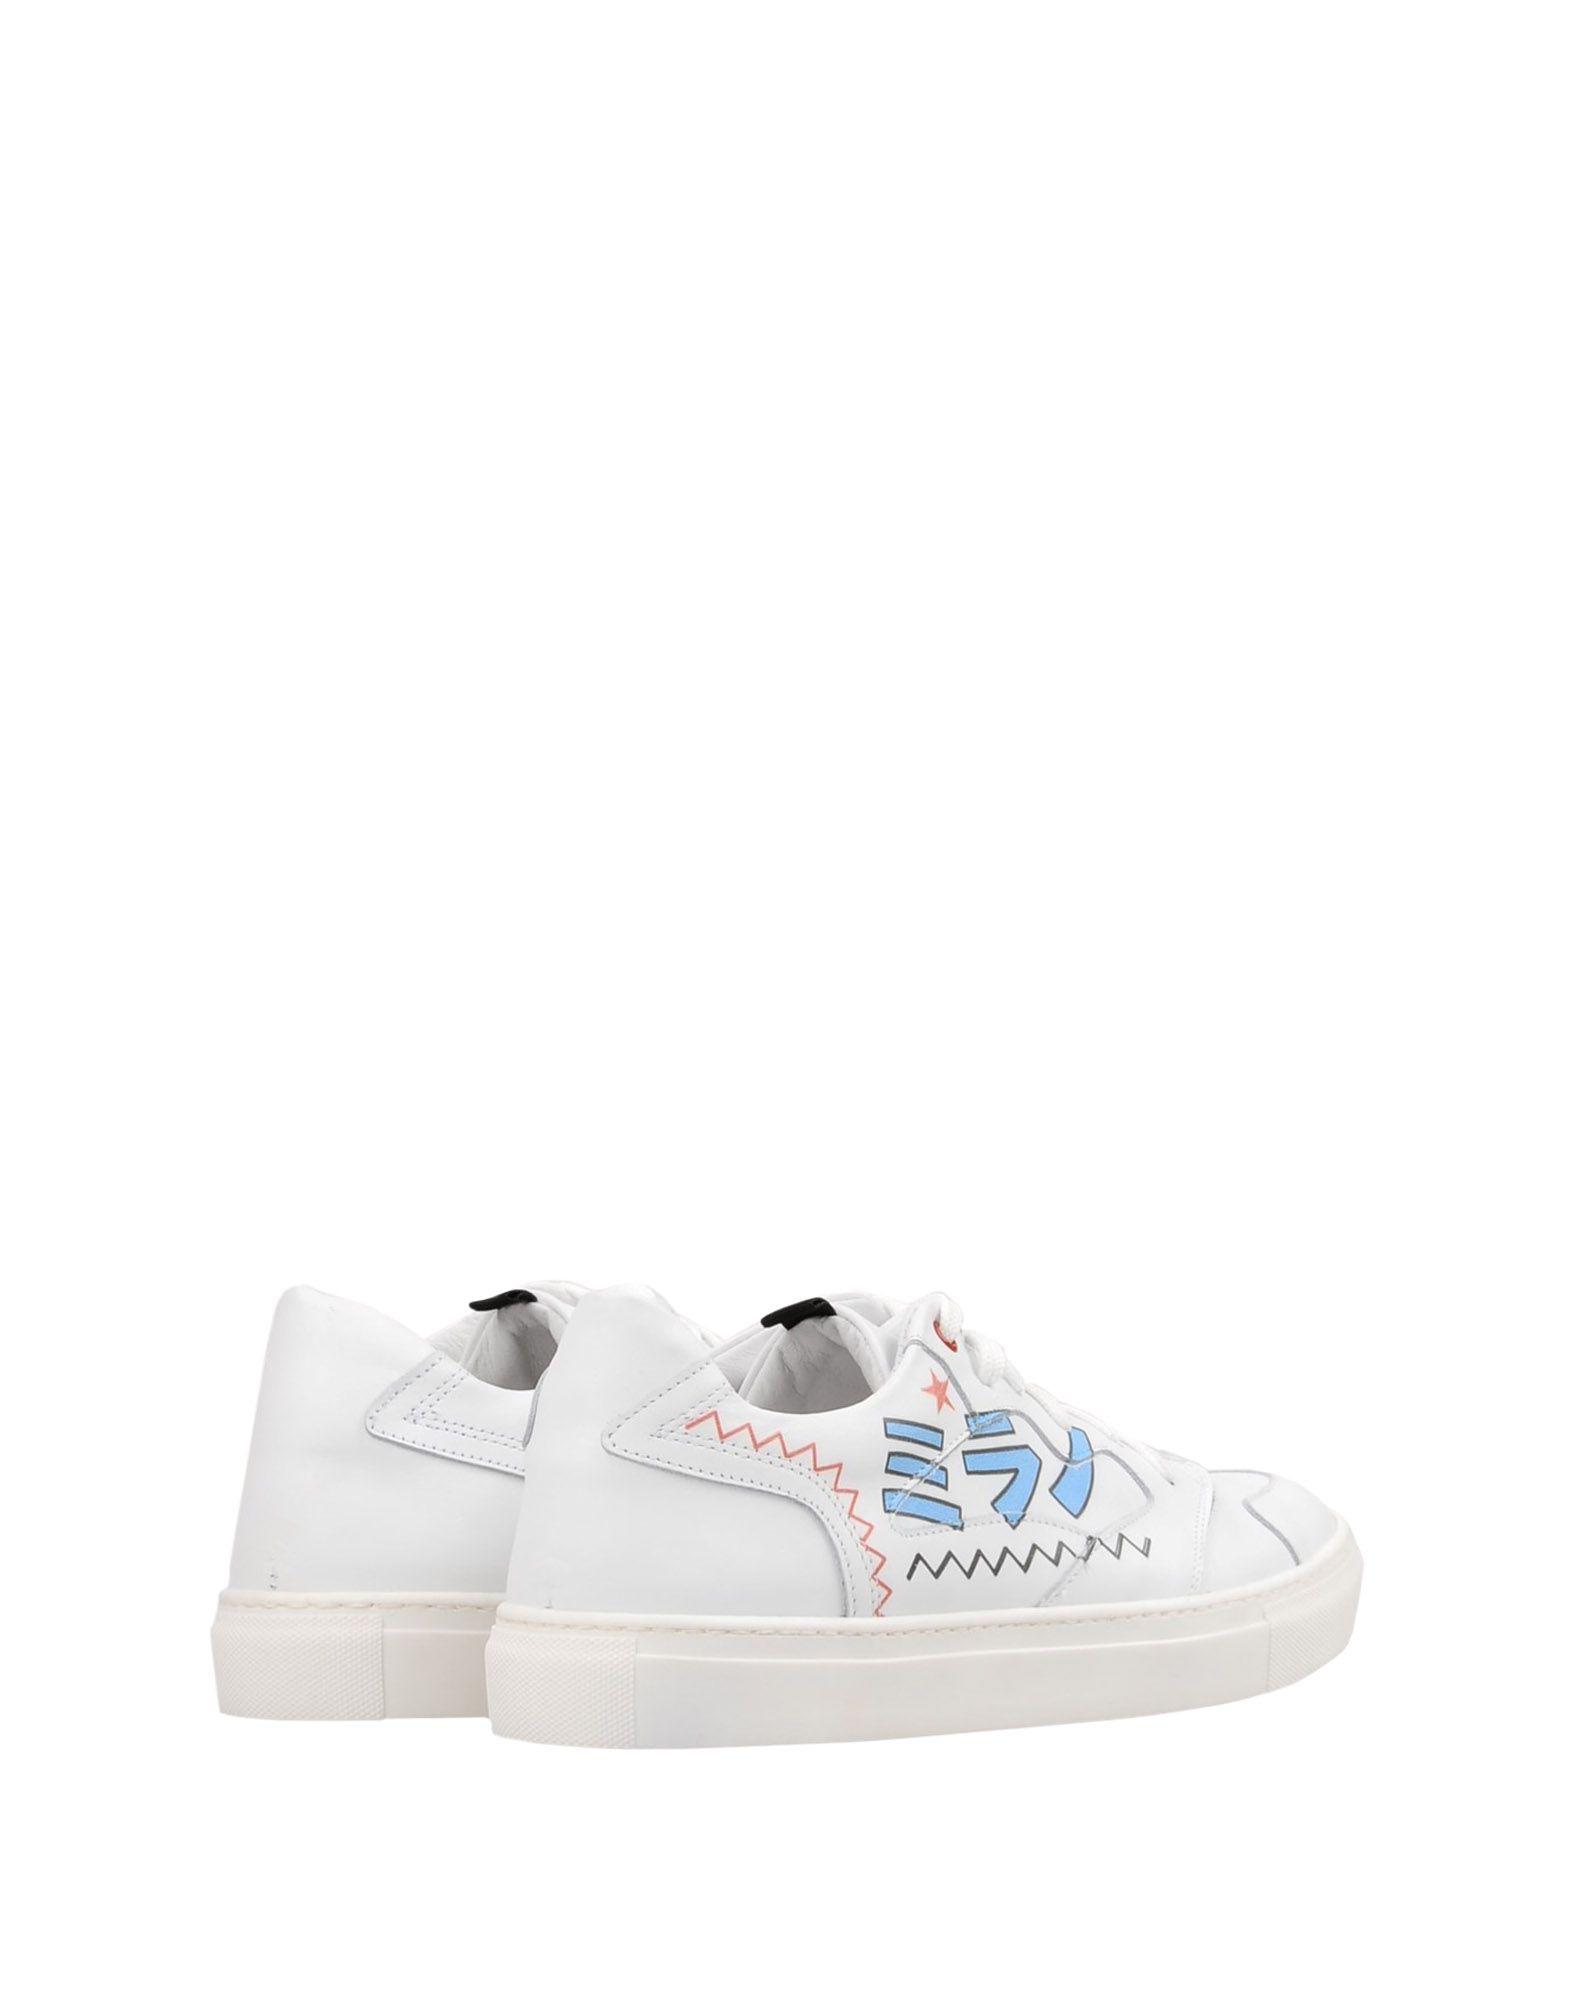 Pierre Darré Sneakers Herren   11429180MH 965967